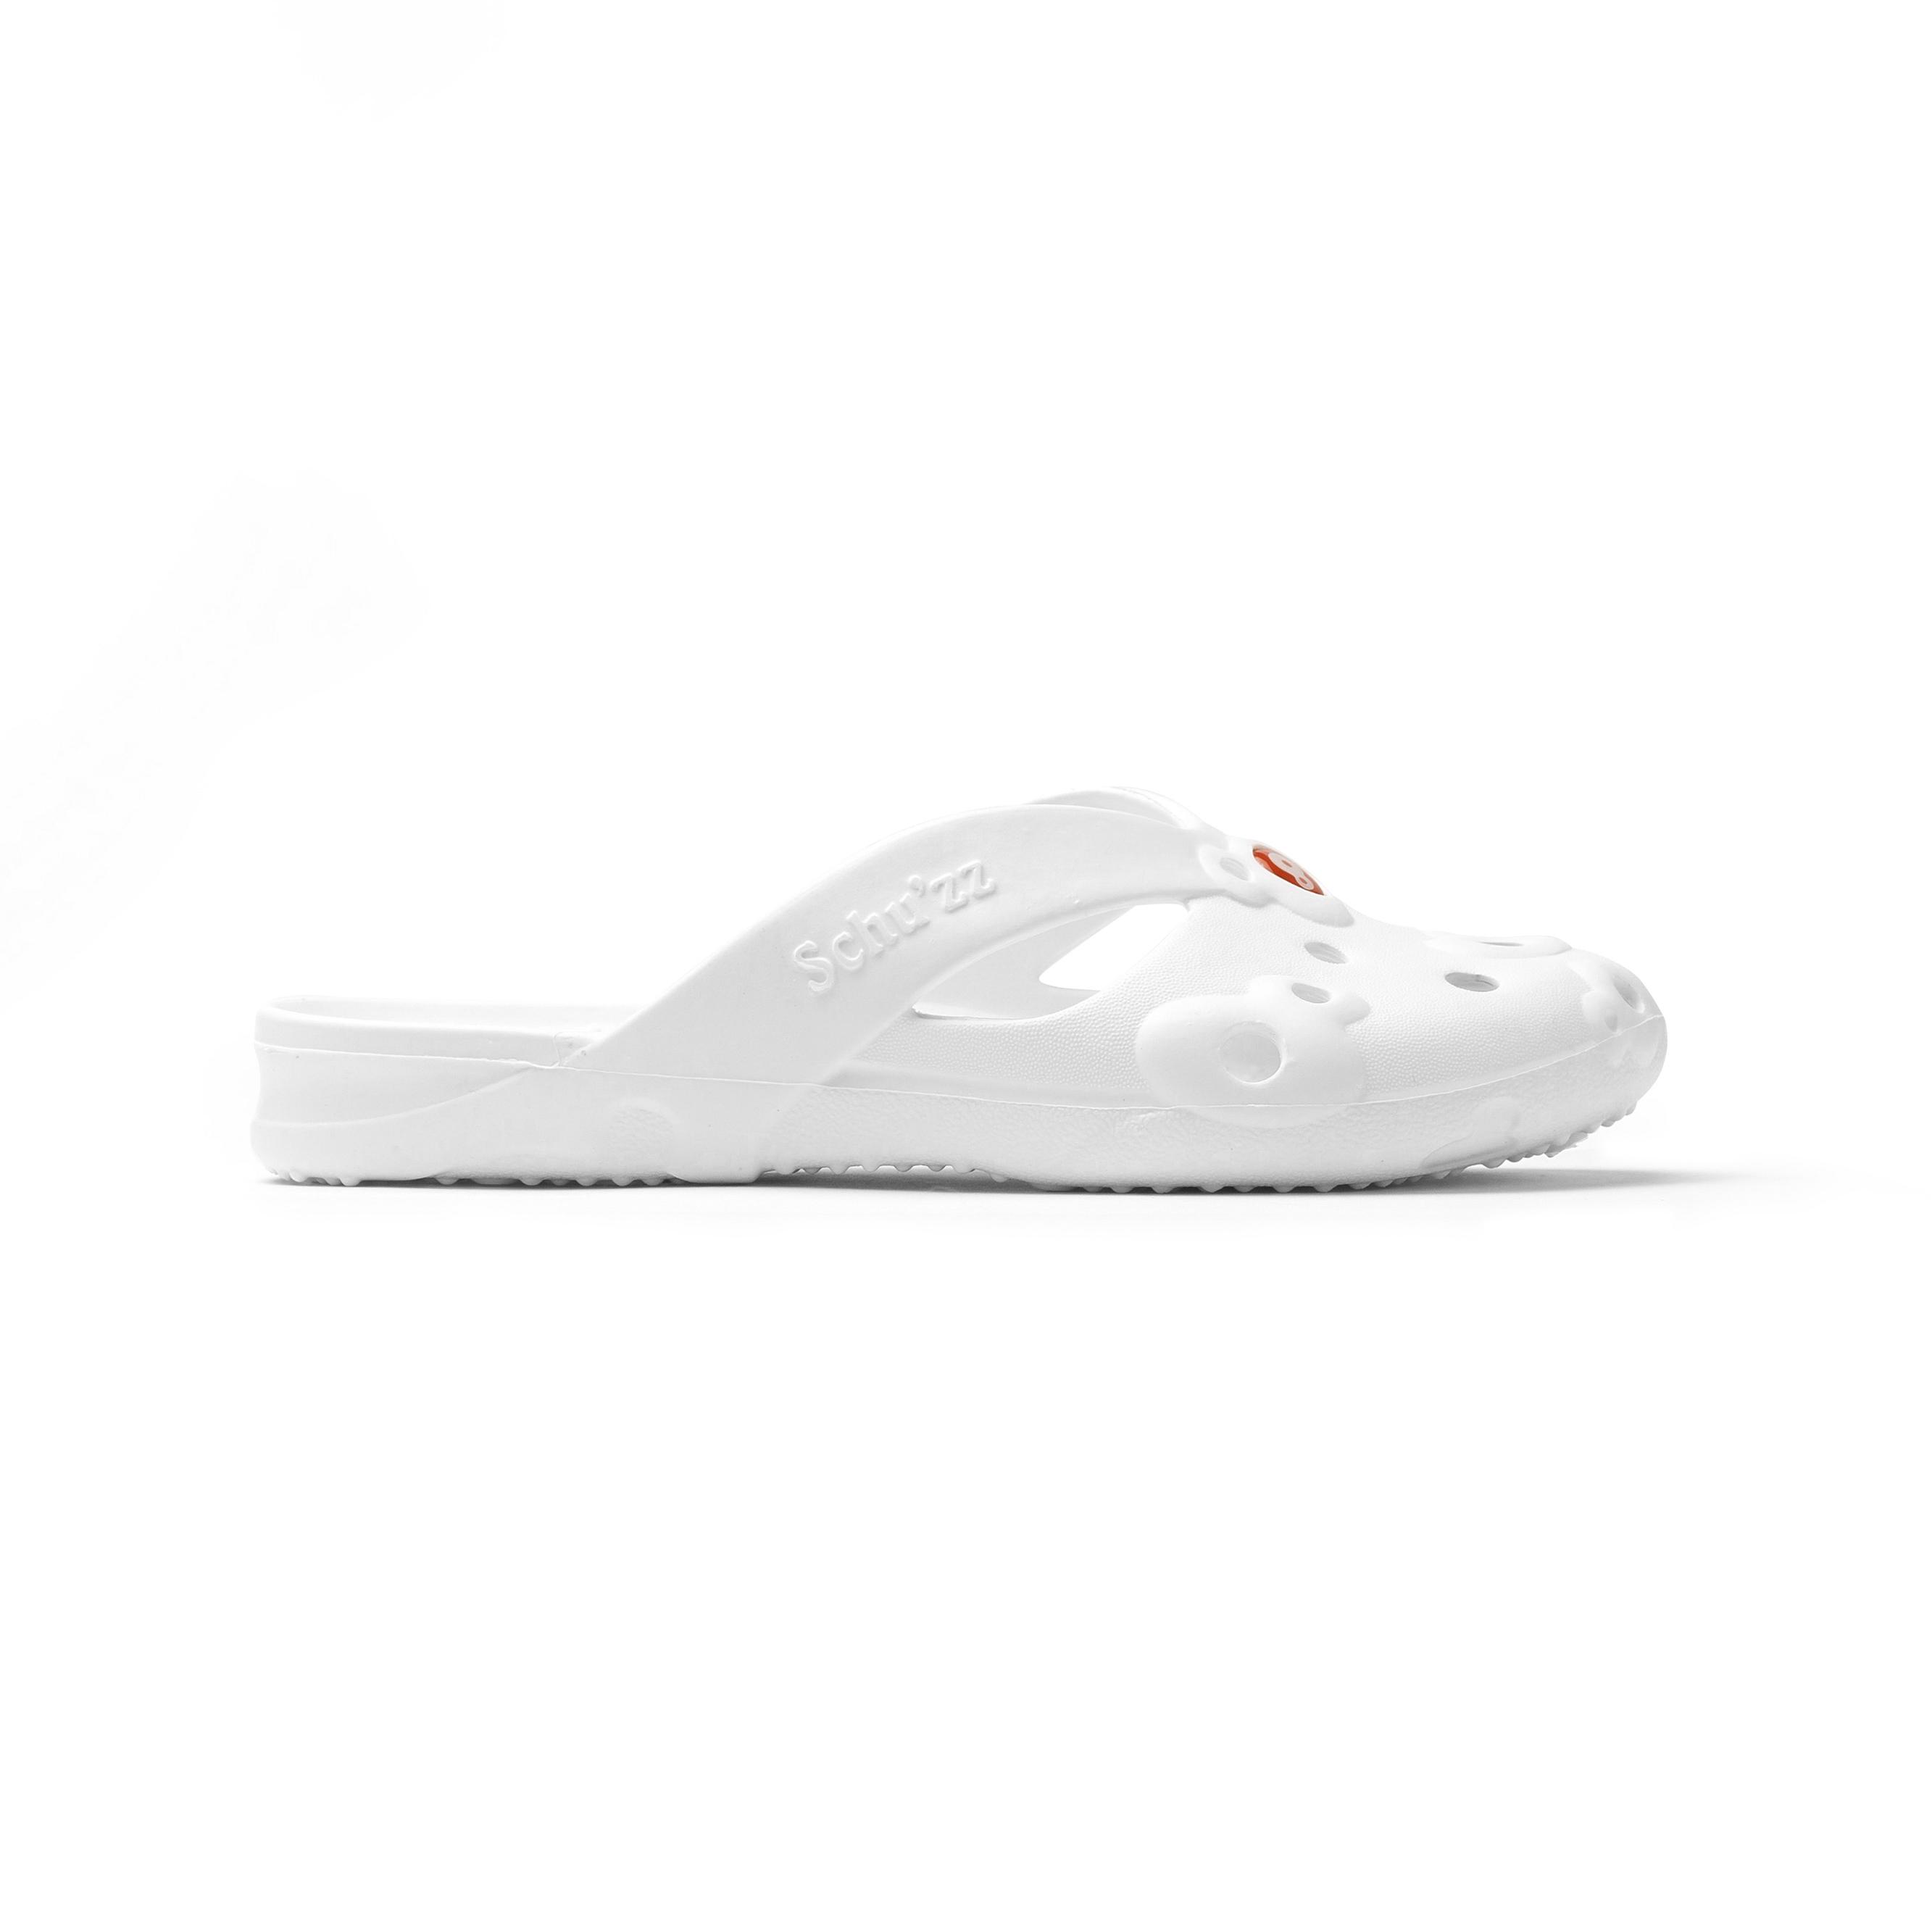 Chaussures Sandales En Pas Tongs Et Spquzmv Mule Cher Femme Plastique VzGMLSUqp